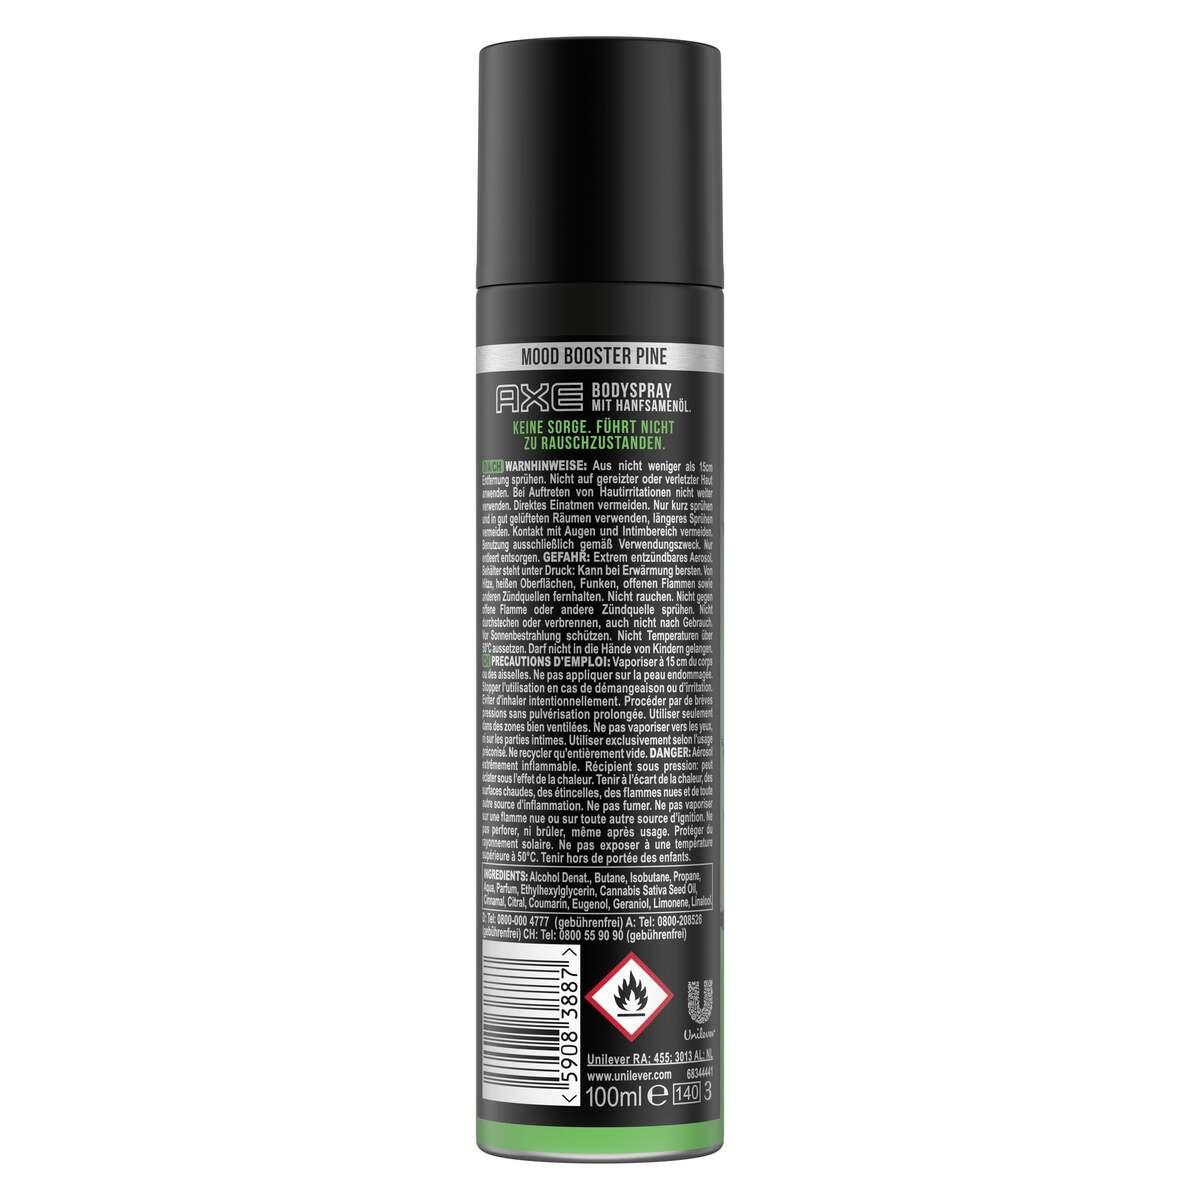 Bild 2 von AXE Deodorant Spray  Mood Booster Unplugged Pin